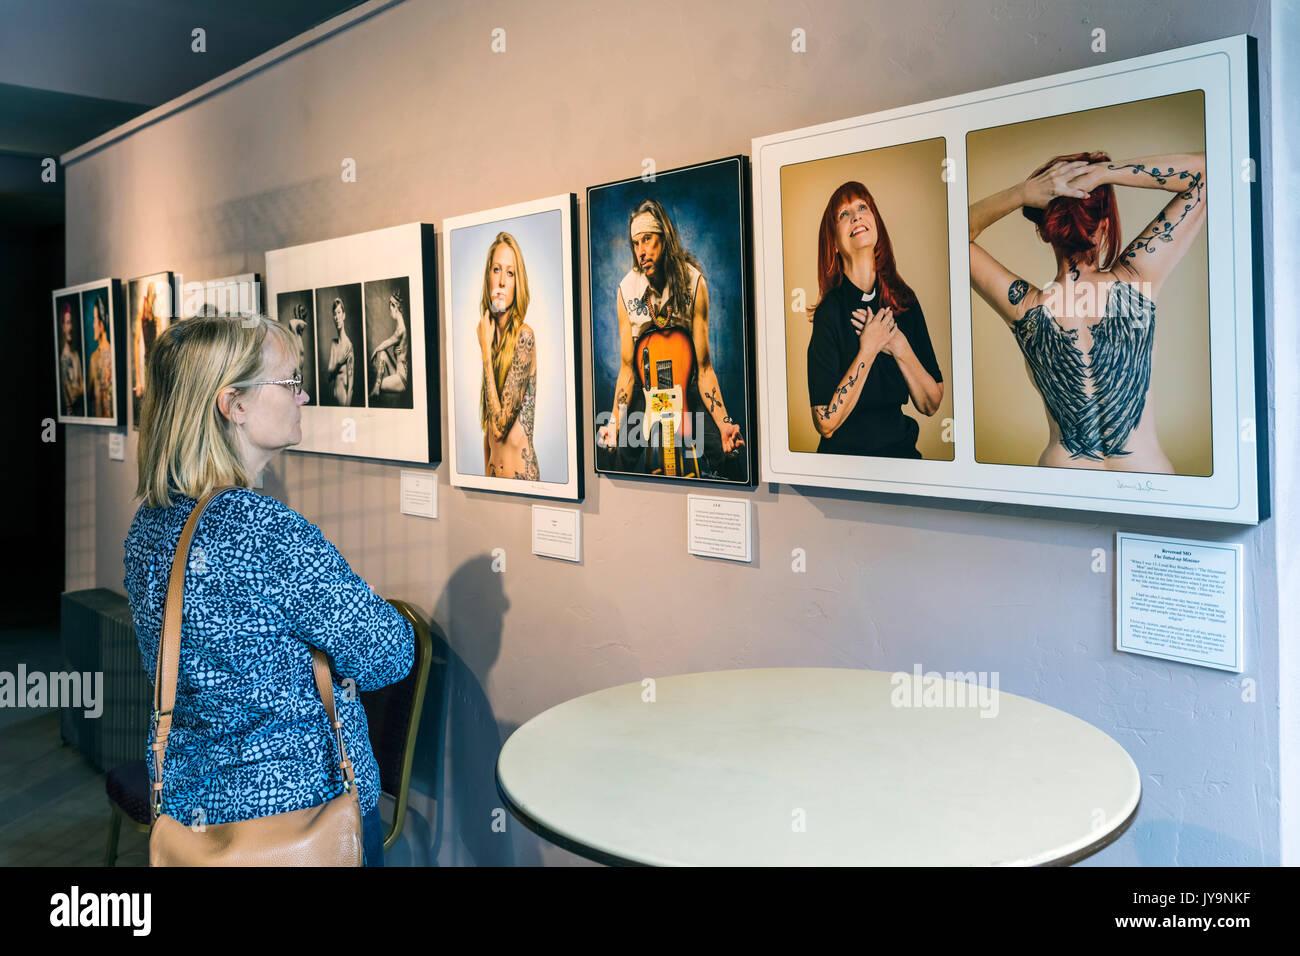 Mujer viendo Gicleé impresiones fotográficas de gente tatuada; Paquette Galería; SteamPlant Event Center; Salida, Colorado, EE.UU. Foto de stock